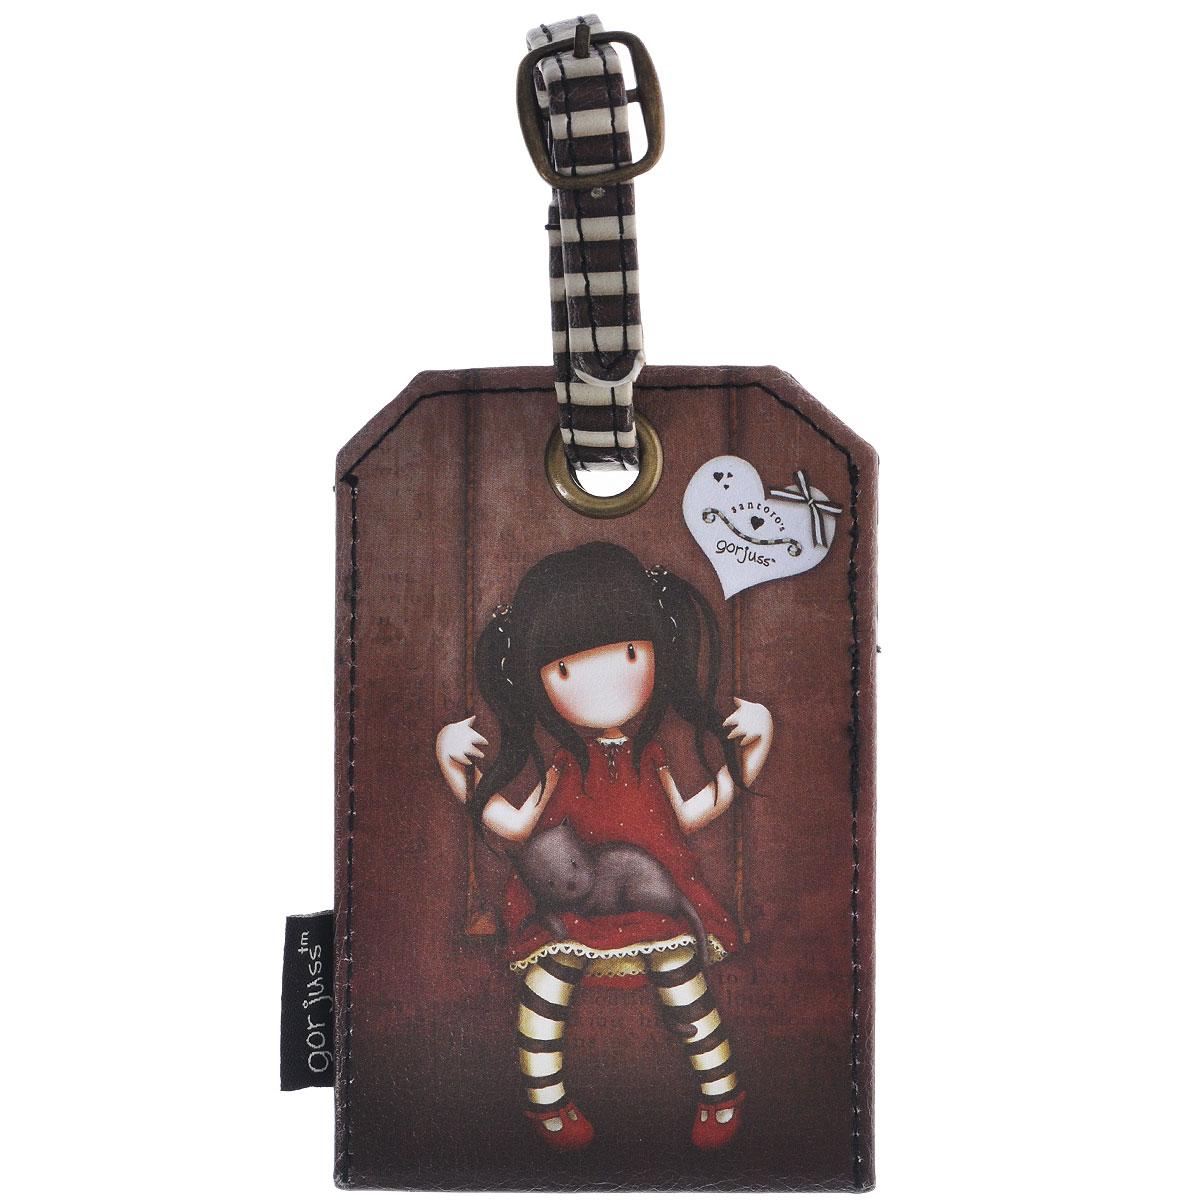 Бирка на багаж Ruby, цвет: коричневый. 0090702Z90 blackОригинальная бирка на багаж Ruby, выполненная из искусственной кожи, декорирована оформлен стилизованным рисунком шотландской художницы Сюзан Вулкотт (Suzanne Woolcott) с изображением основного персонажа своих произведений - девочки Горджус (Gorjuss). Бирка крепится на ремешок.Бирка позволит вам быстро отыскать свой багаж на транспортерной ленте. Аесли ваш багаж отправится в другом направлении, яркая бирка поможетработникам аэропорта скорее найти владельца и доставить багаж. Характеристики:Материал: искусственная кожа, металл. Размер бирки: 11,5 см х 7,5 см х 0,5 см. Производитель: Китай.